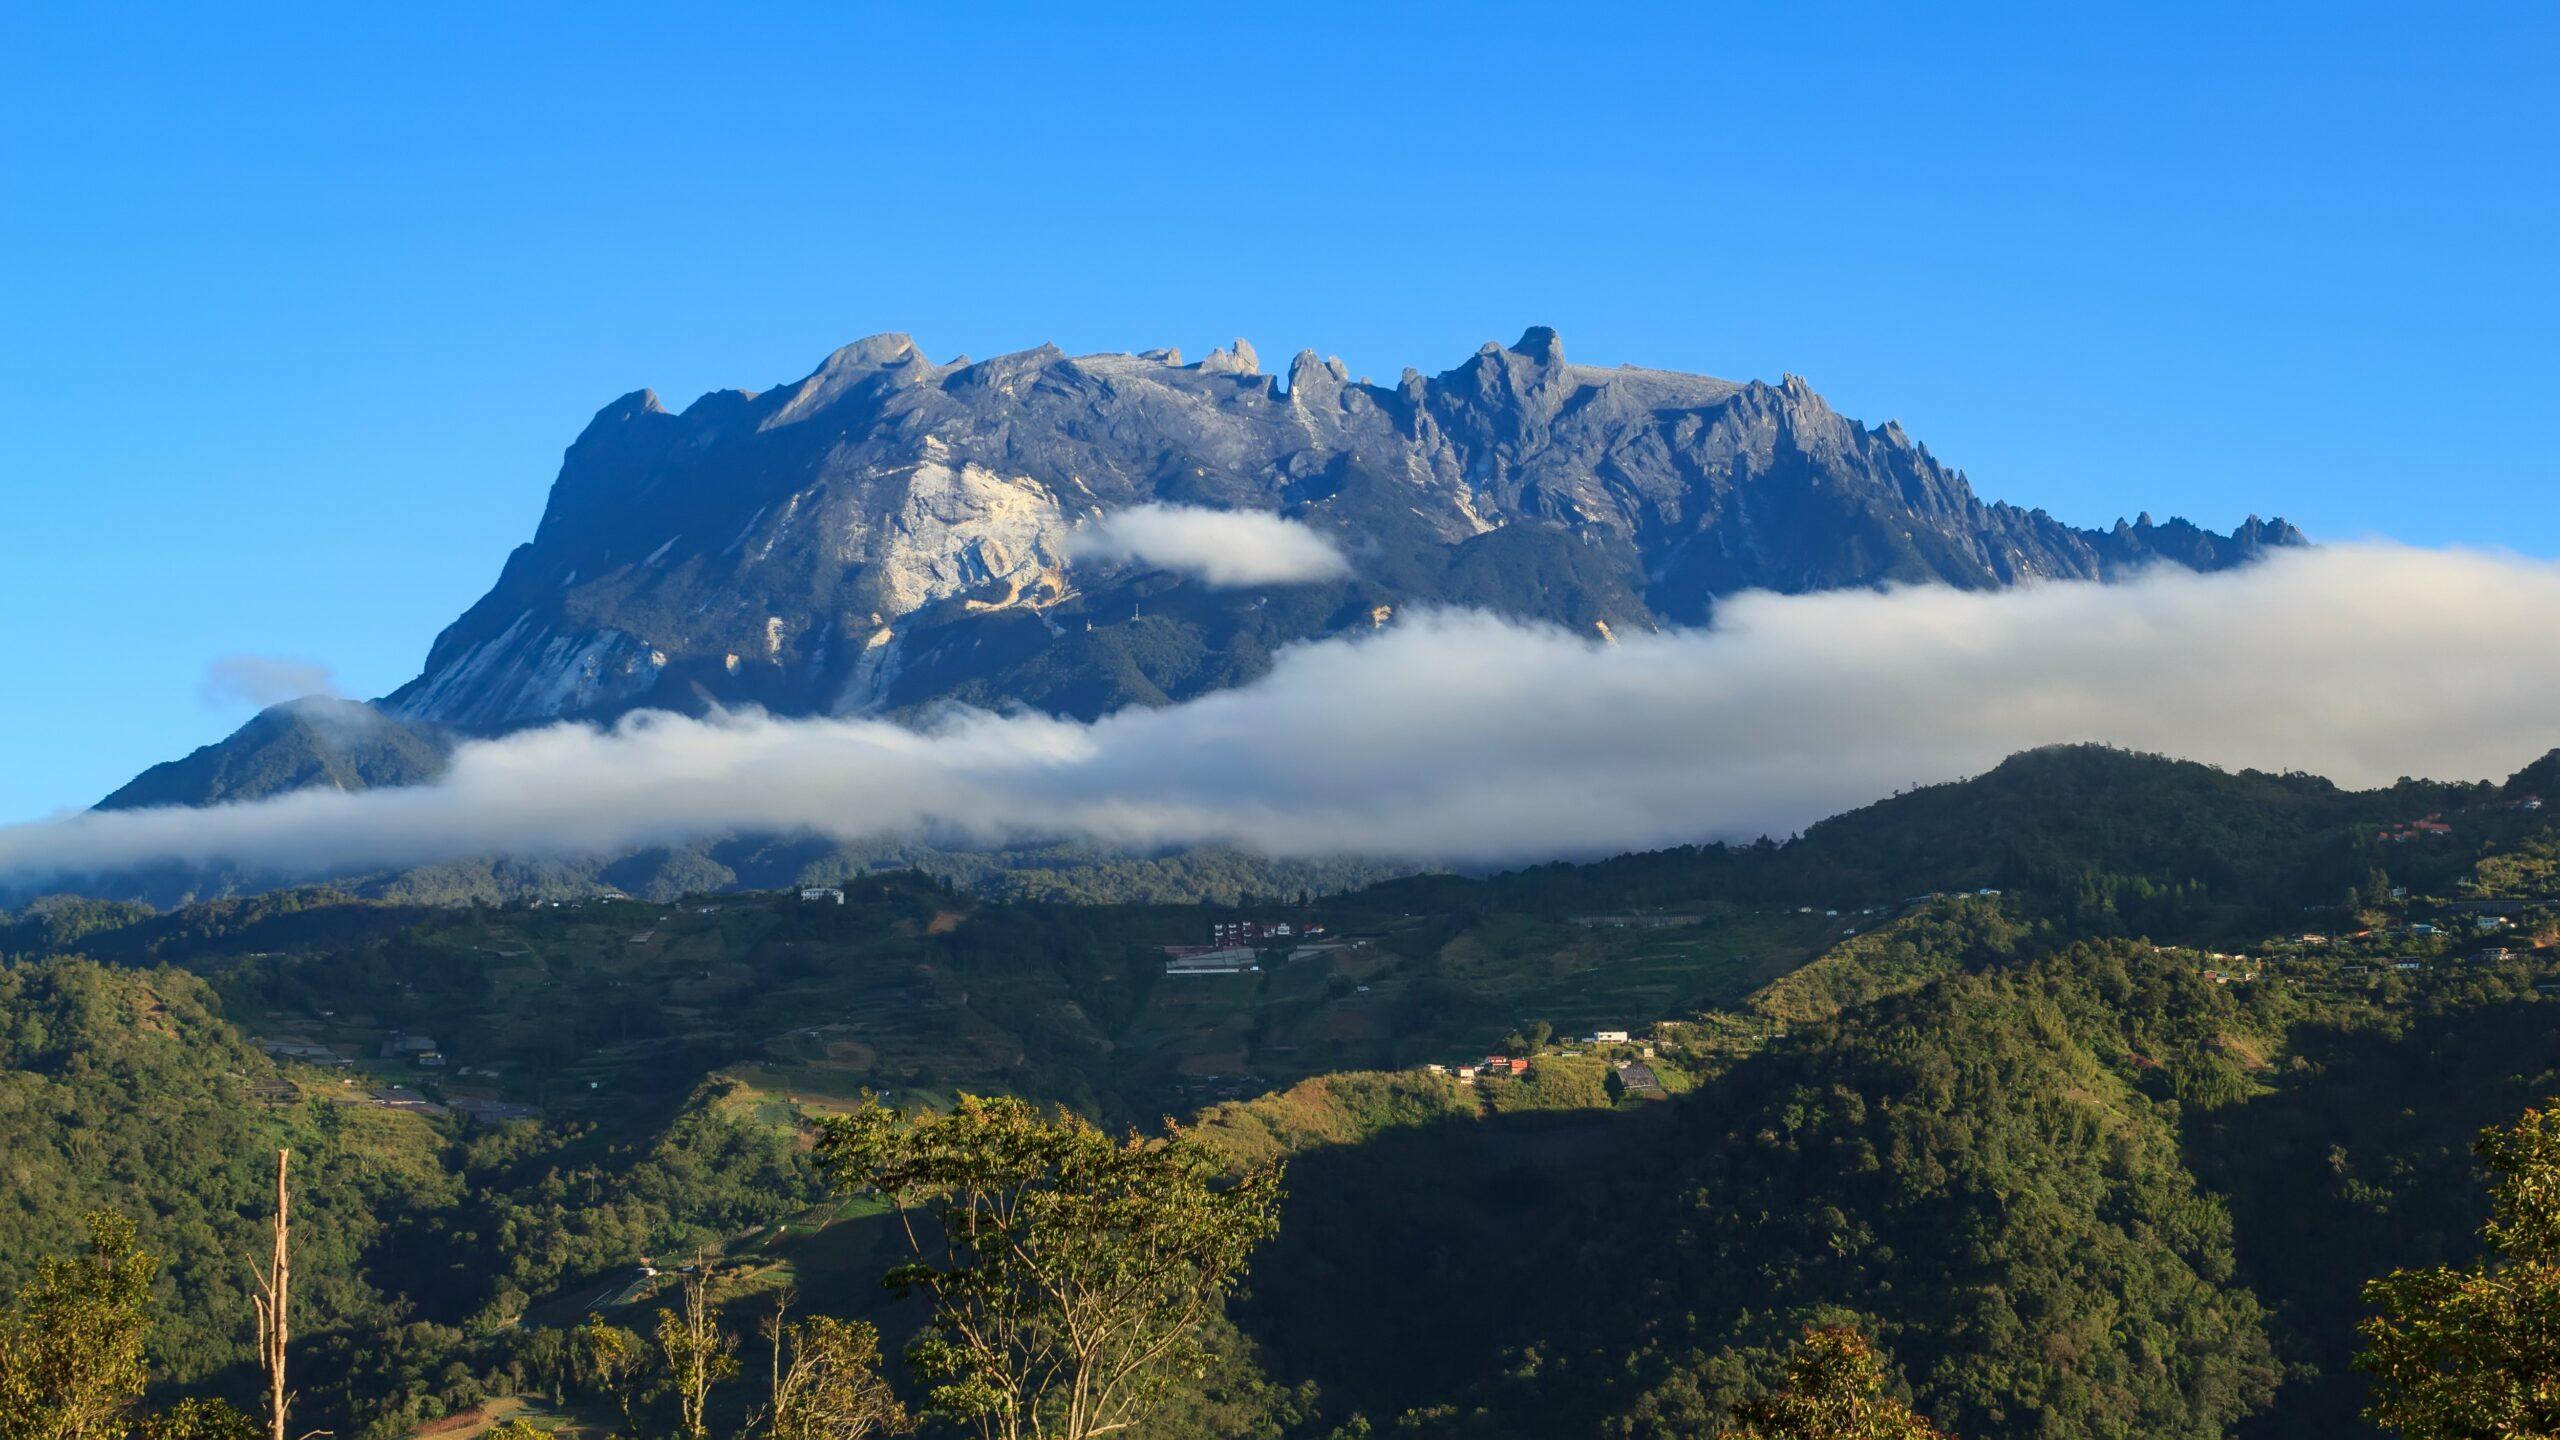 Amazing Mount Kinabalu of Sabah, Borneo / Majestic view of Mount Kinabalu